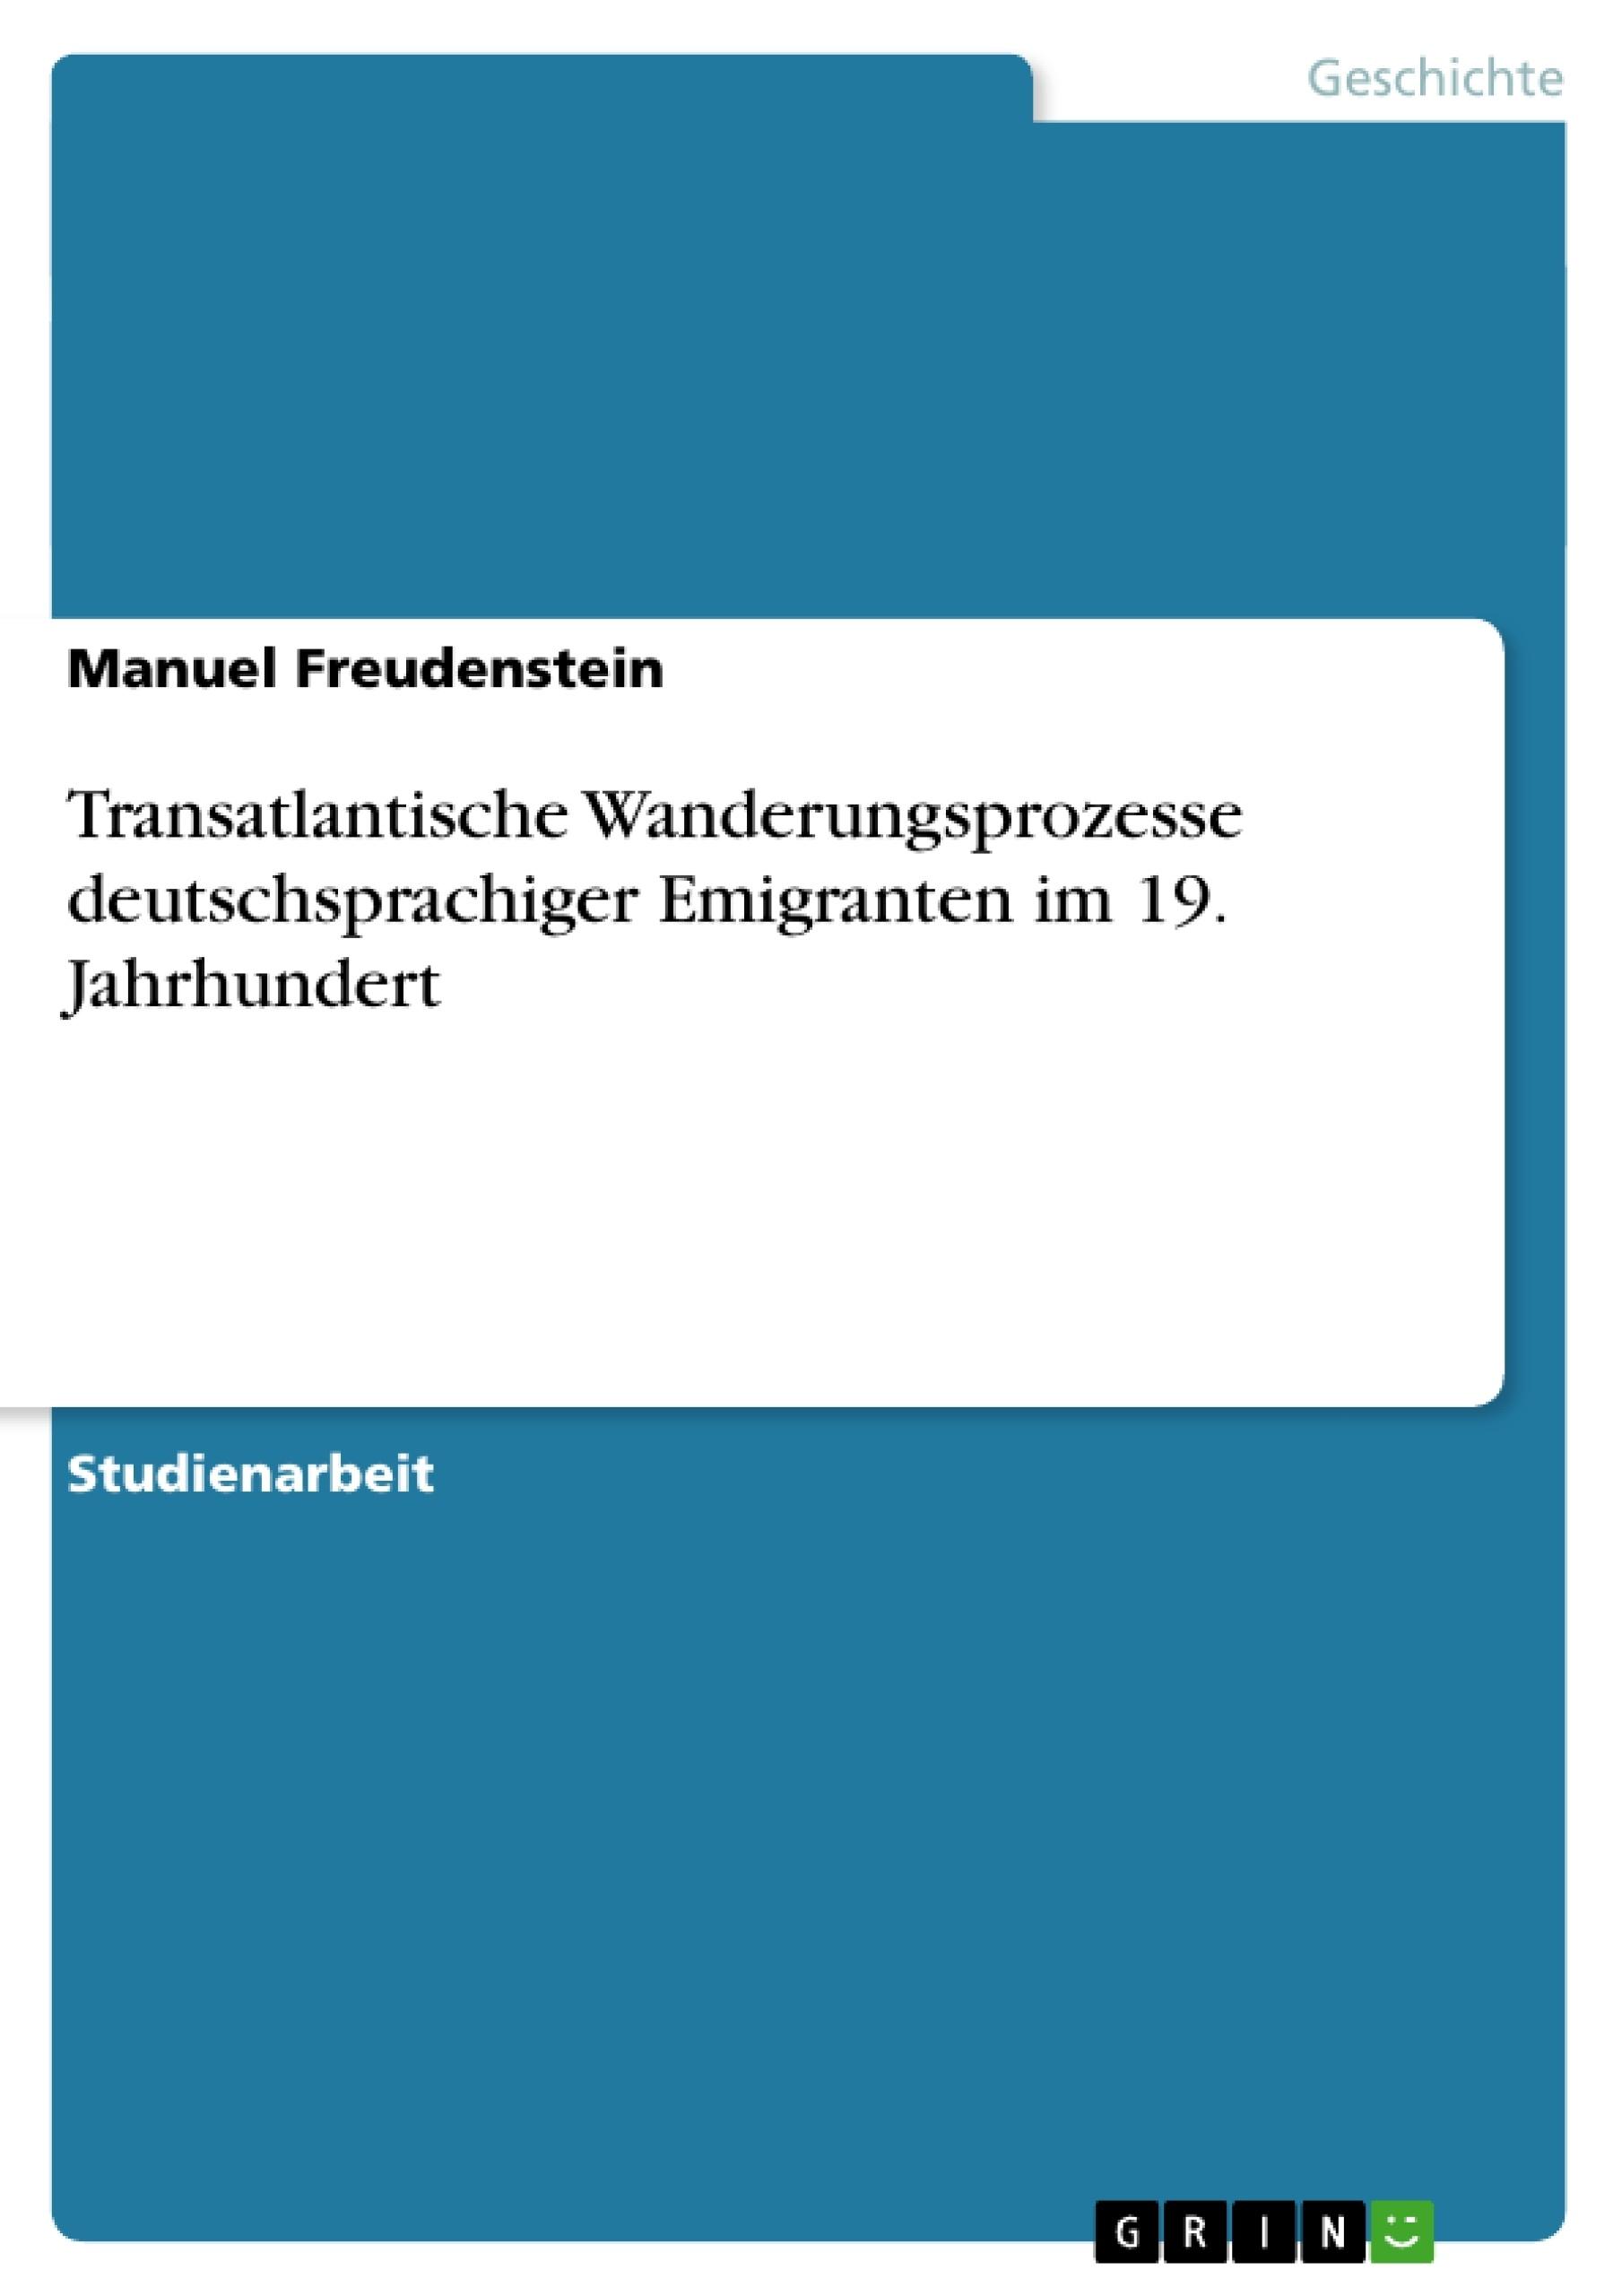 Titel: Transatlantische Wanderungsprozesse deutschsprachiger Emigranten im 19. Jahrhundert